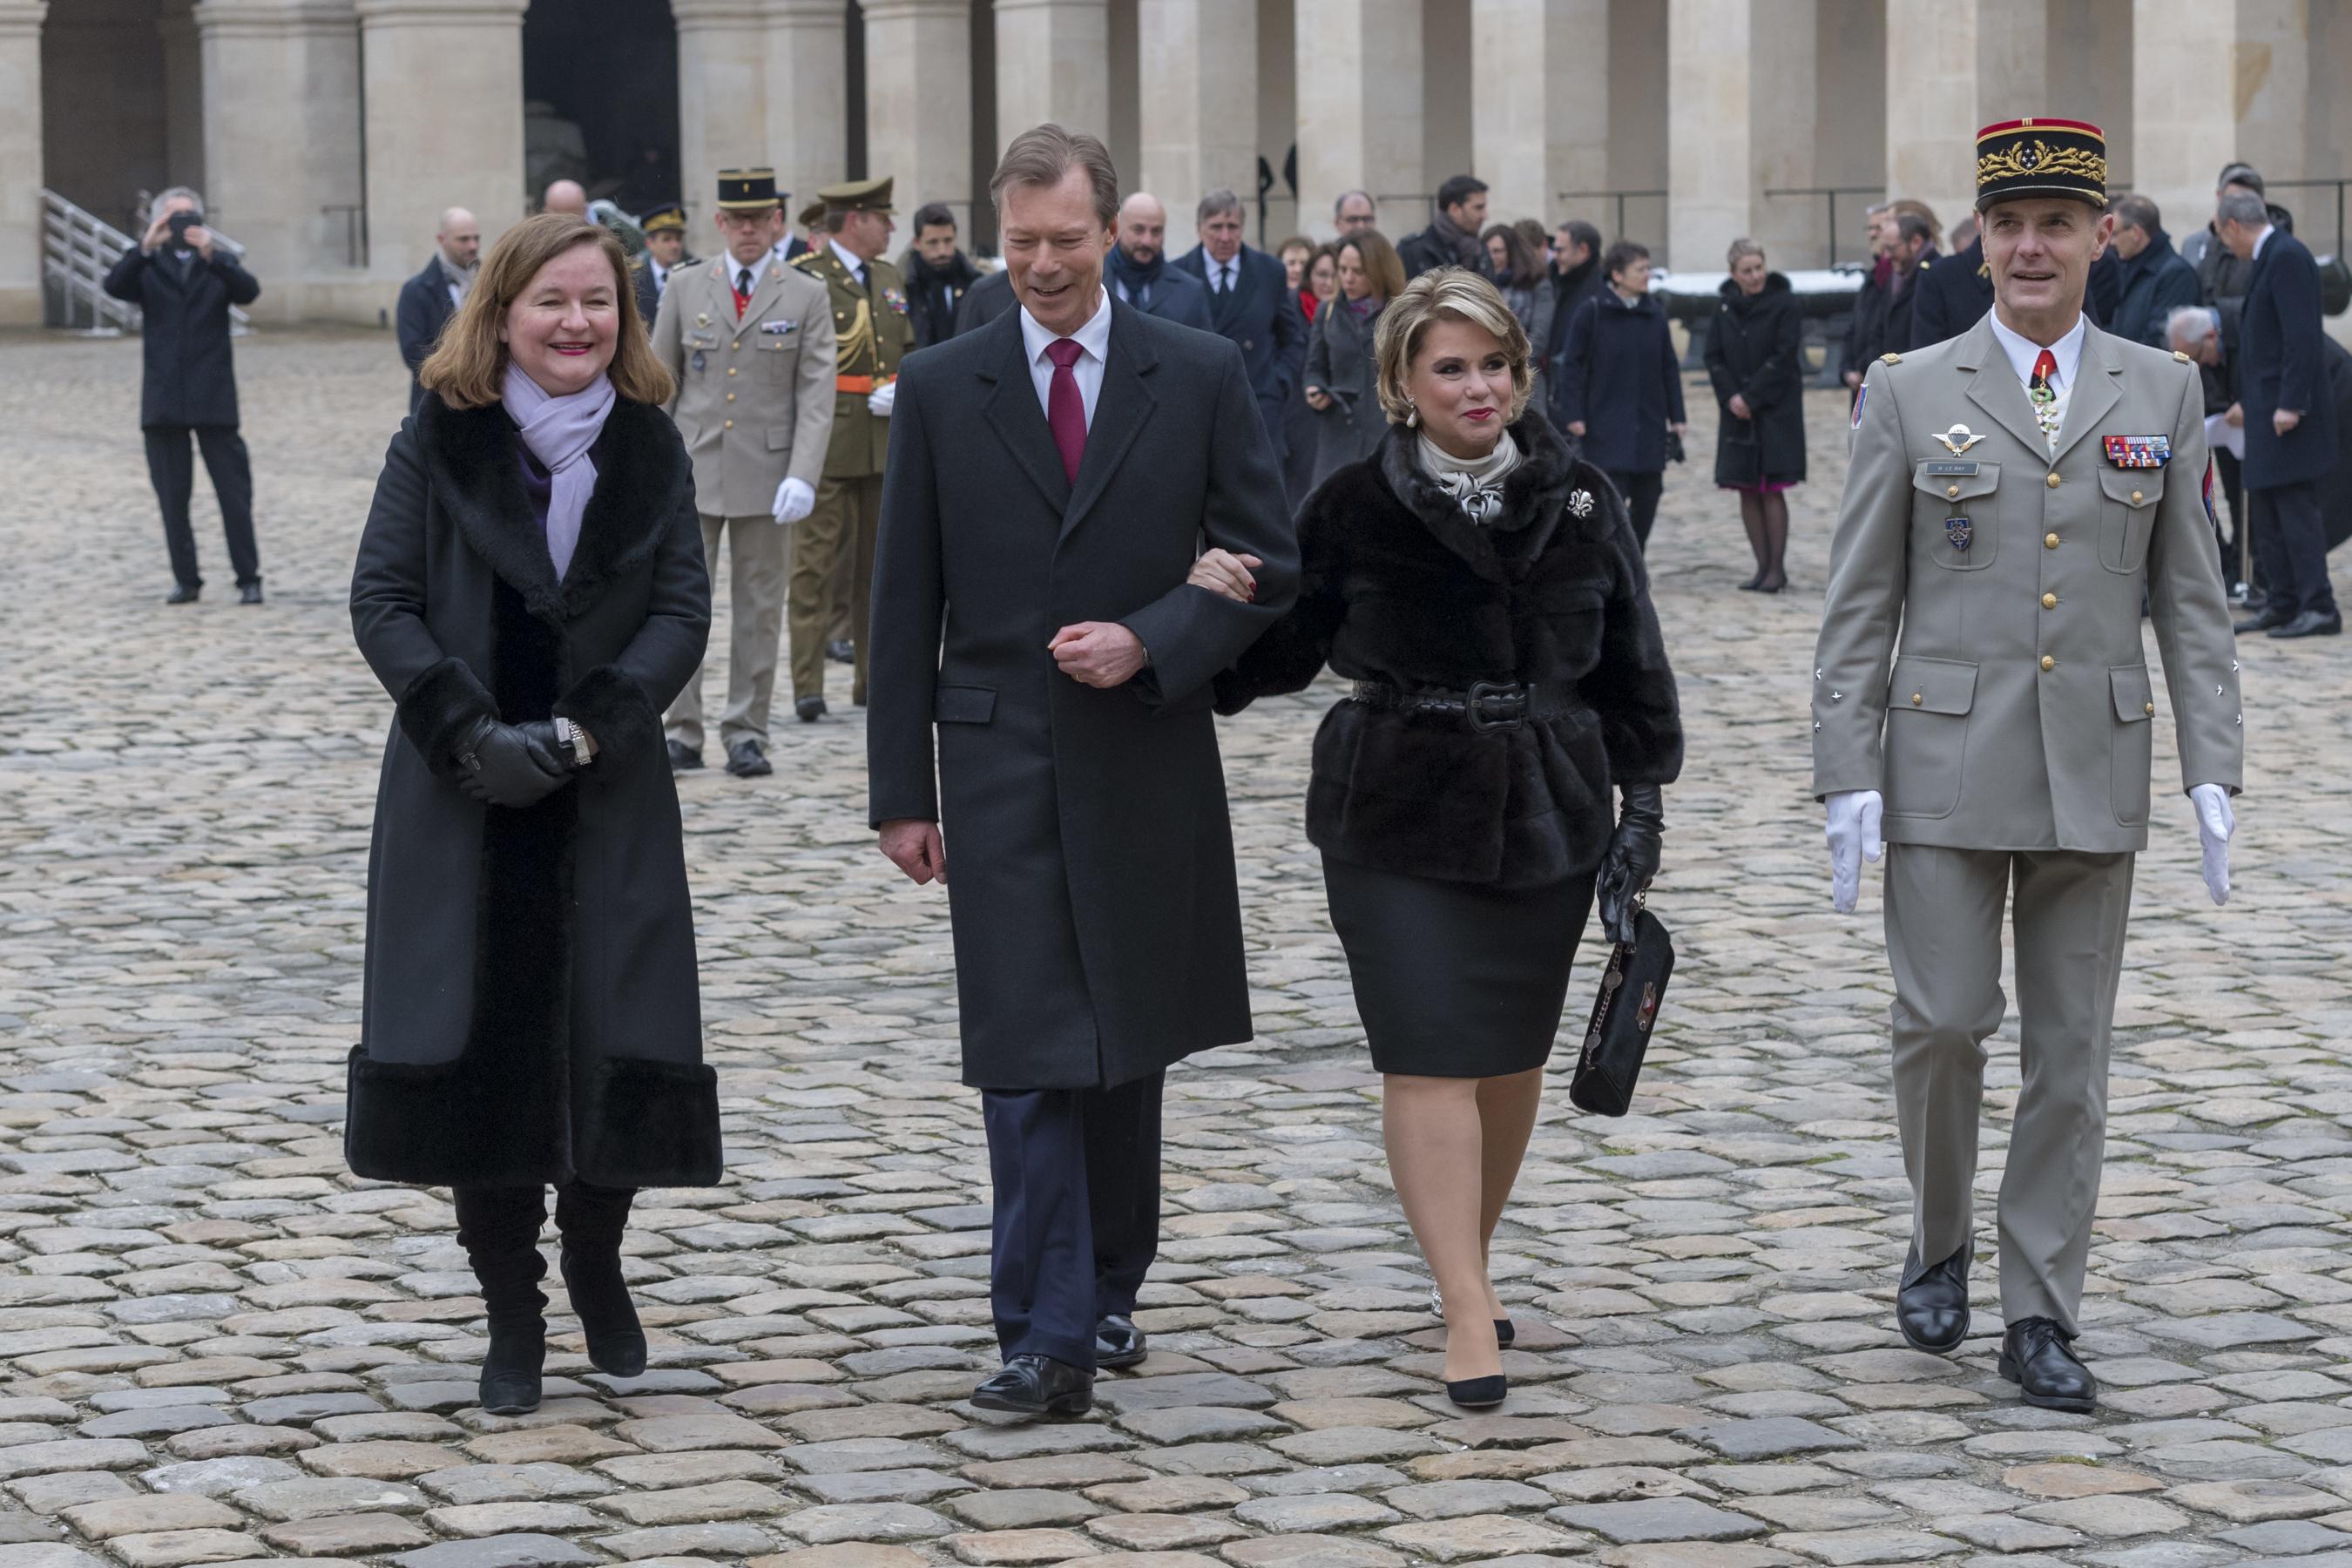 Visite d'État de LL.AA.RR. le Grand-Duc et la Grande-Duchesse en France - Journée du 19 mars 2018 - Cérémonie d'accueil aux Invalides